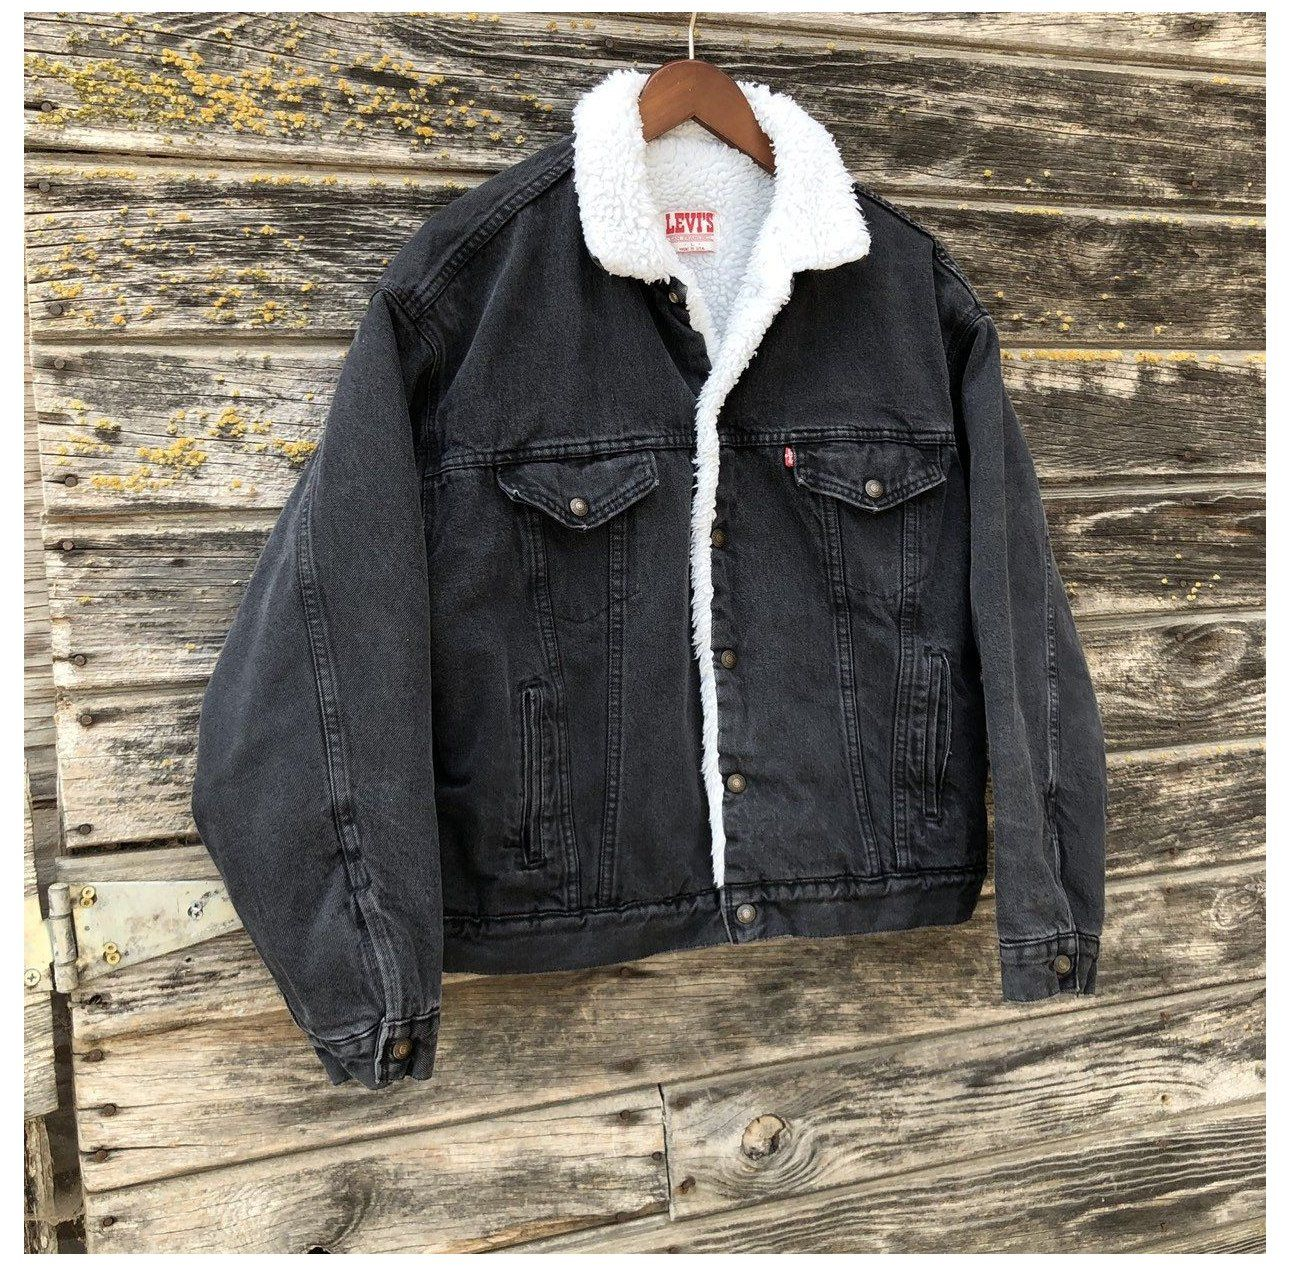 Vintage Levi S Sherpa Trucker Jacket Black Denim Grunge Coat Warm 90s Levis Faded Black Jean Jacket Bomb Faded Black Jeans Lined Denim Jacket Black Jean Jacket [ 1266 x 1290 Pixel ]